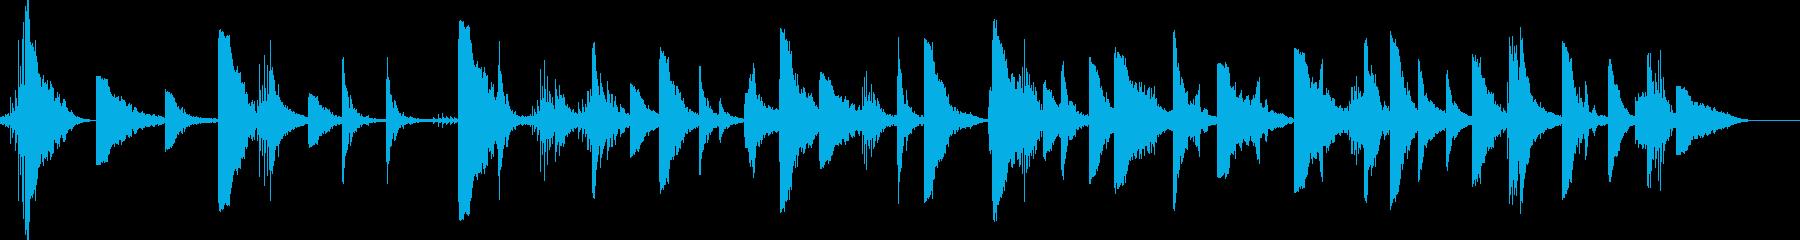 怖い太鼓やパーカッション、1分以上。の再生済みの波形